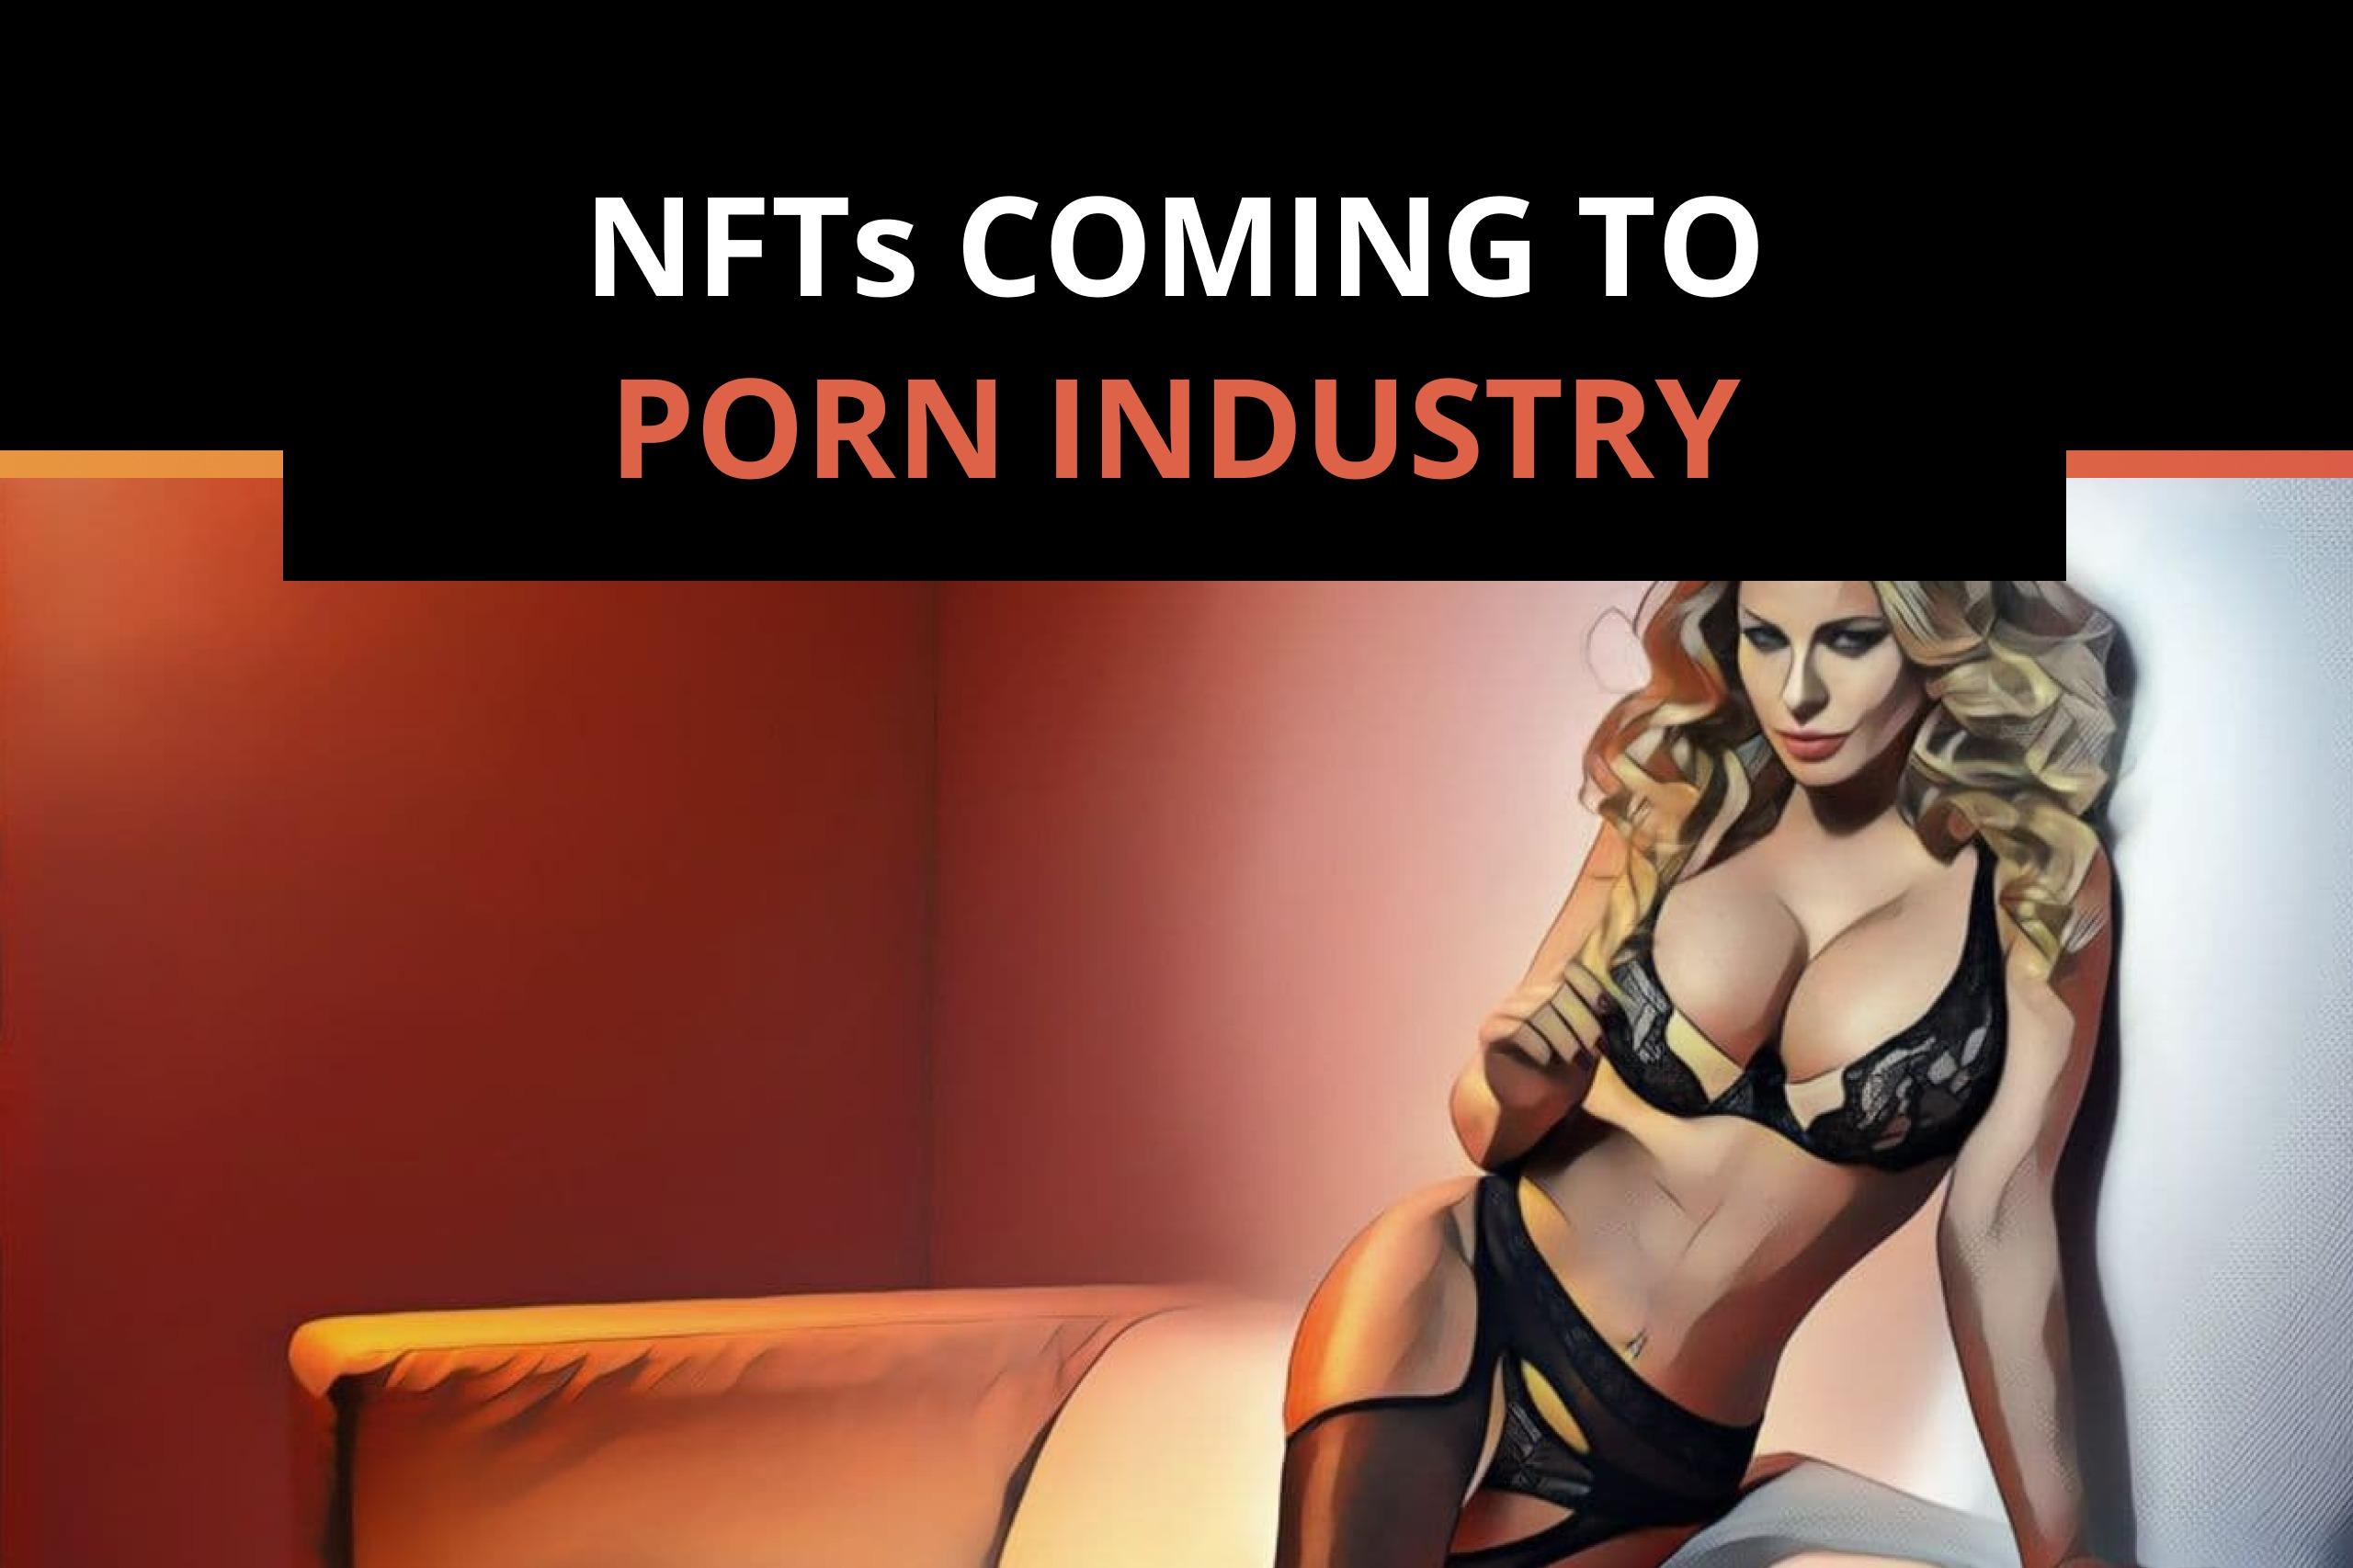 Porn Creators Are Getting Into the NFT Craze